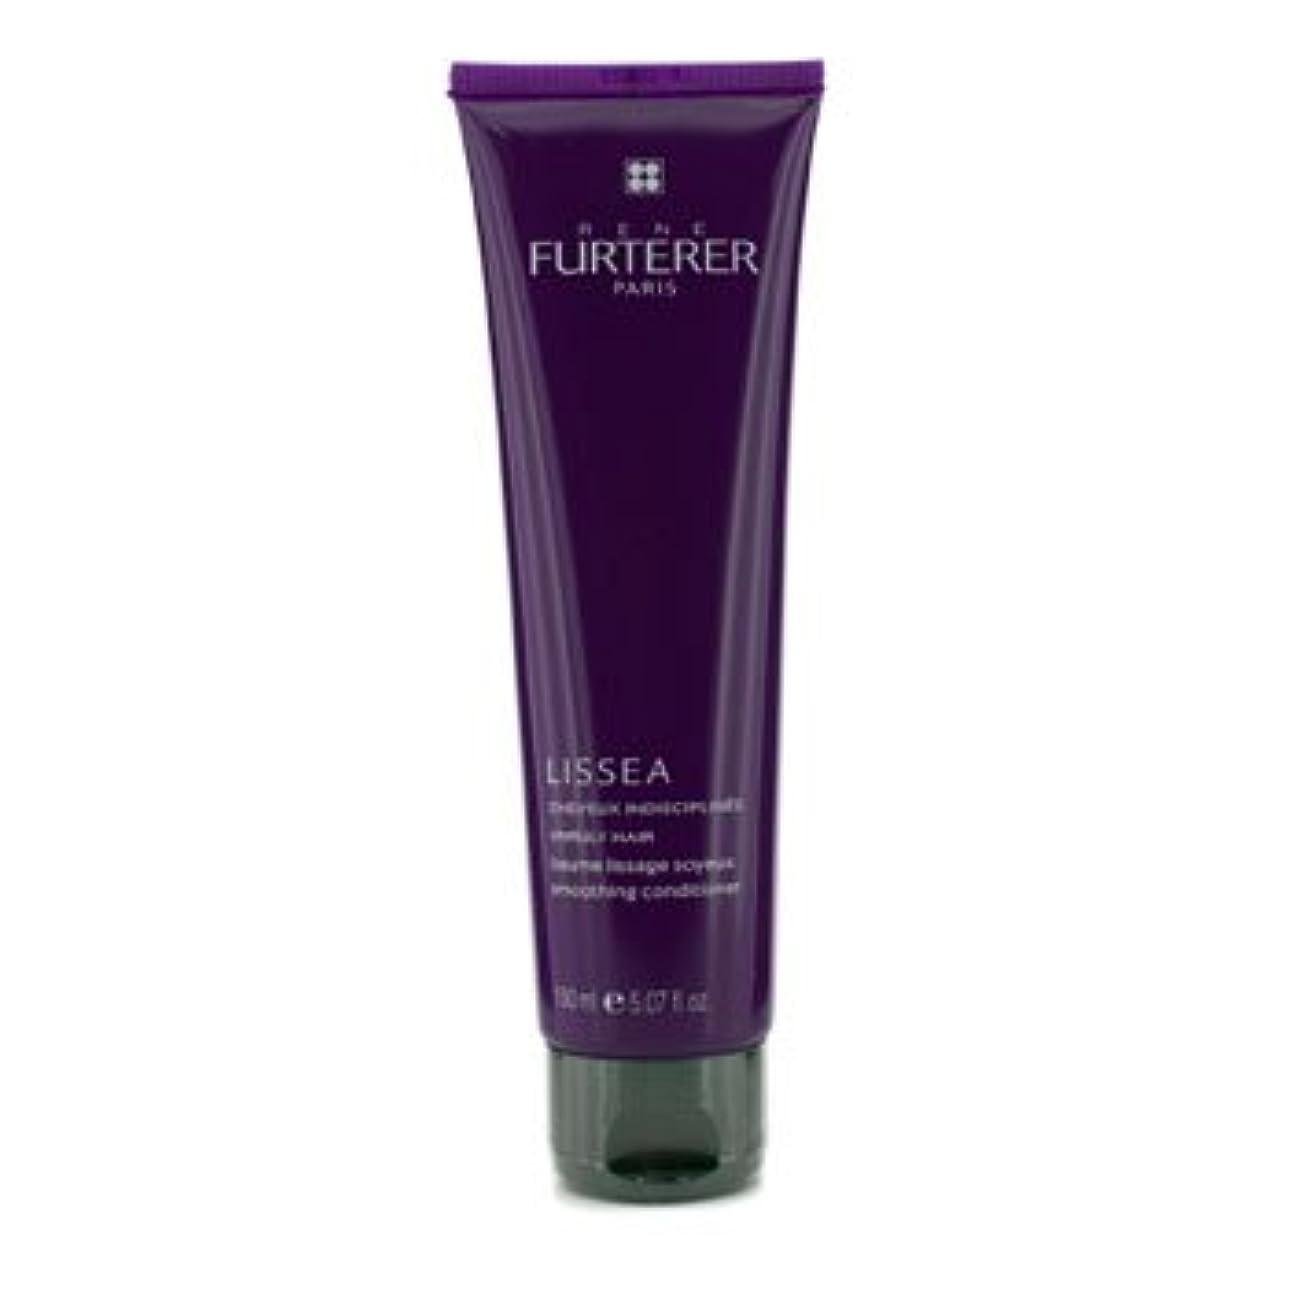 教える待って話をする[Rene Furterer] Lissea Smoothing Conditioner (For Unruly Hair) 150ml/5.07oz